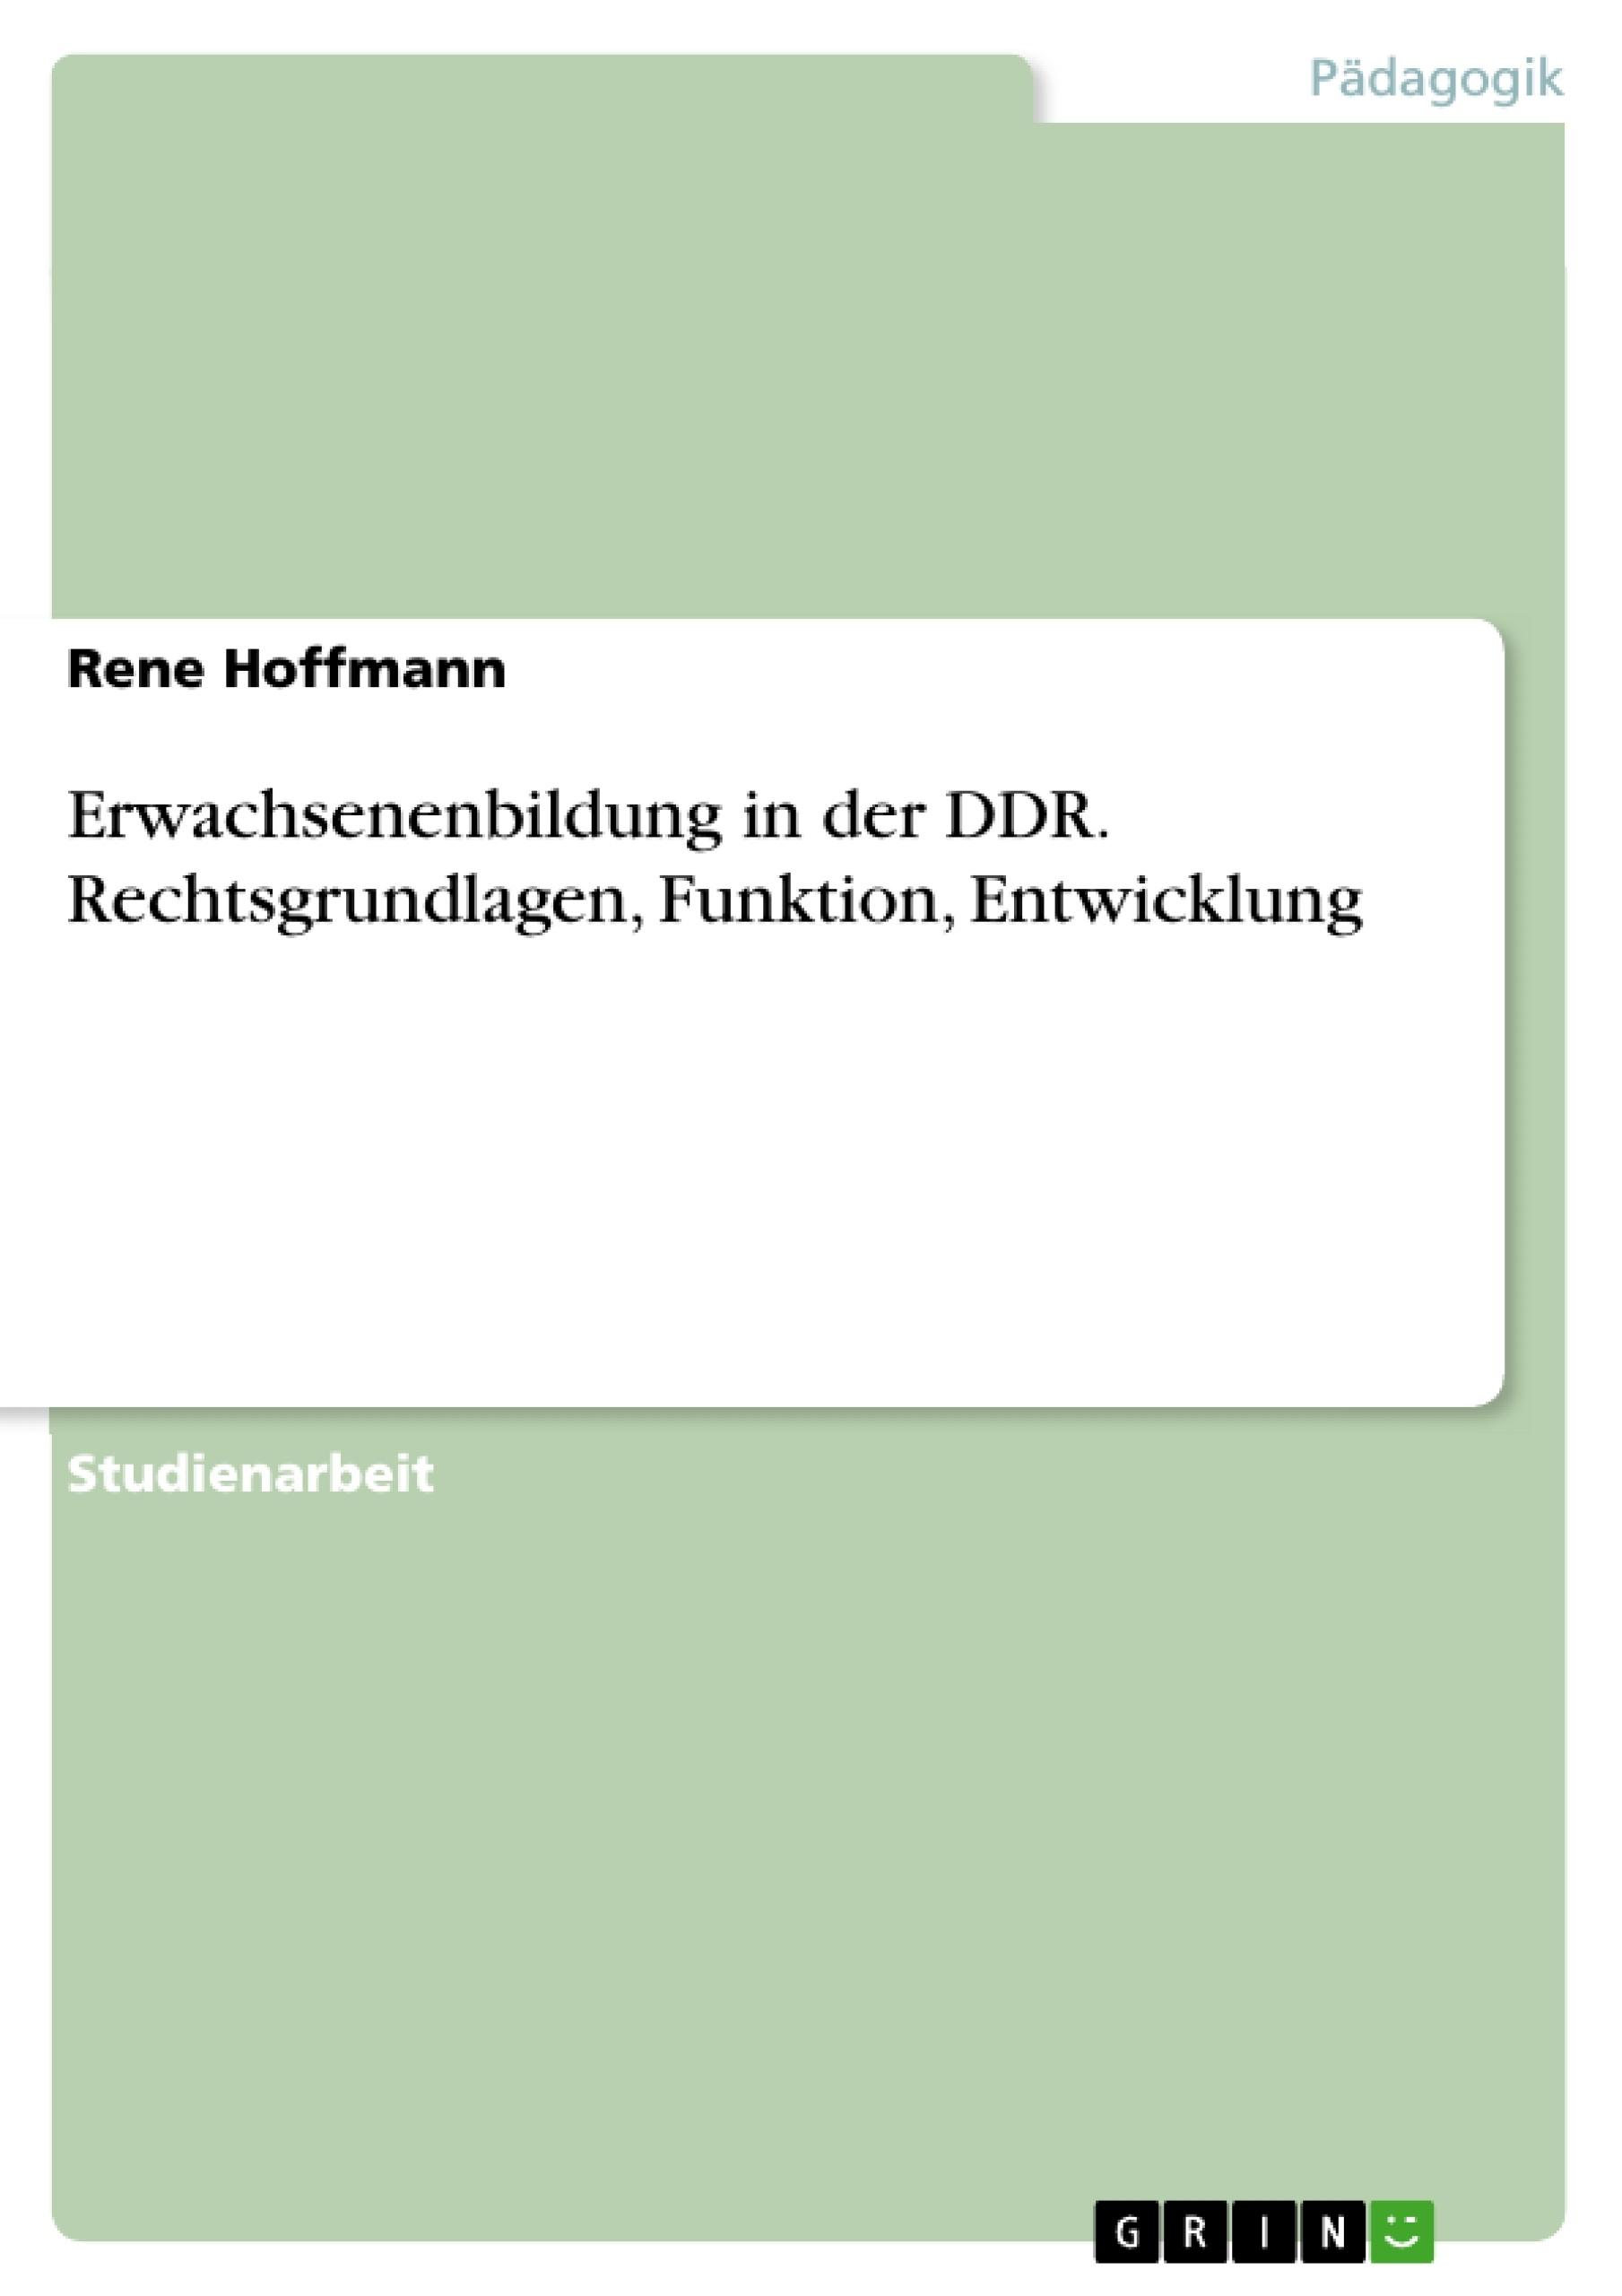 Titel: Erwachsenenbildung in der DDR. Rechtsgrundlagen, Funktion, Entwicklung